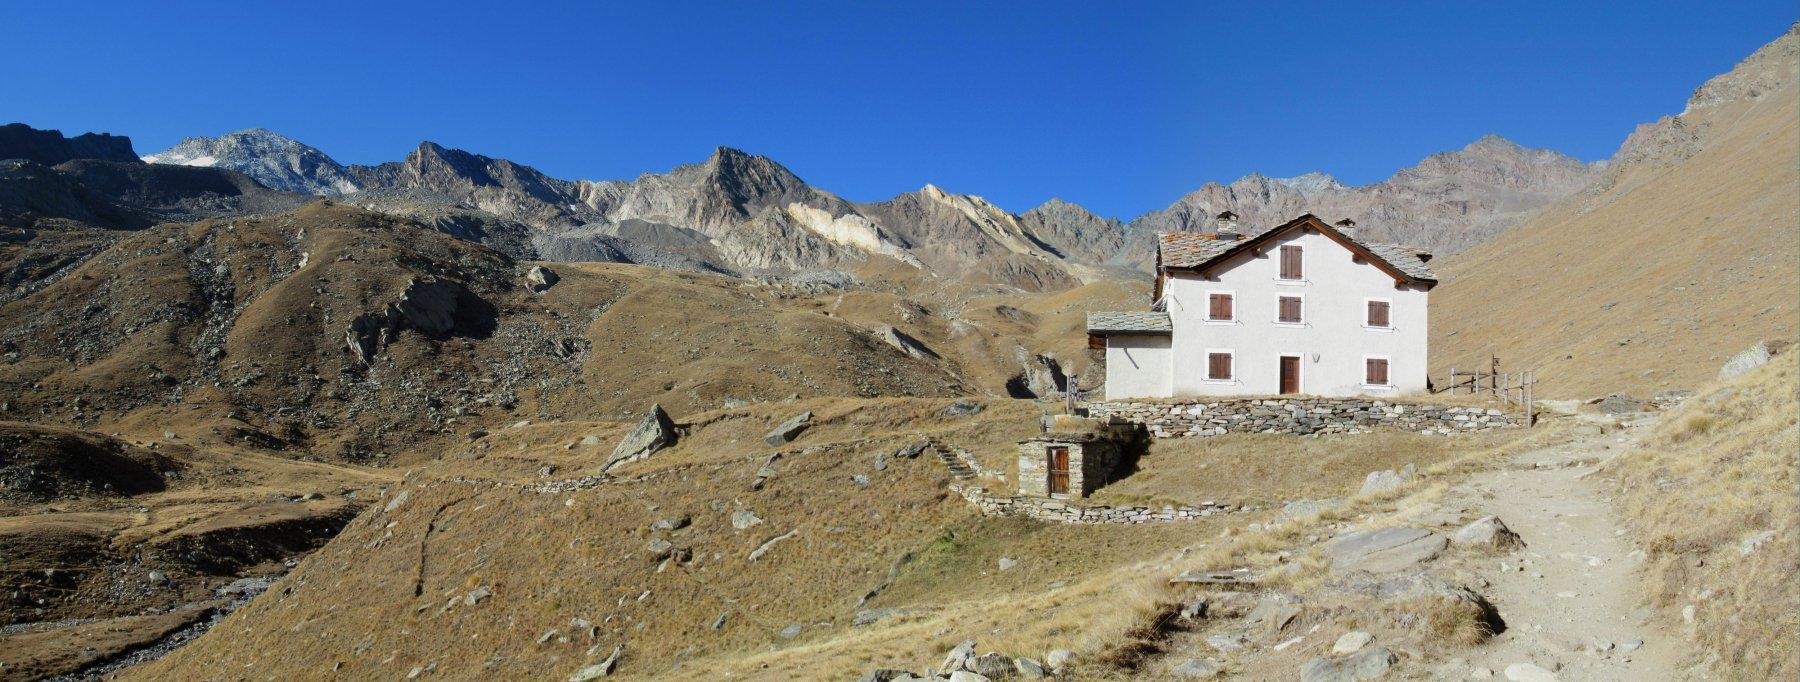 Casa del Guardiparco